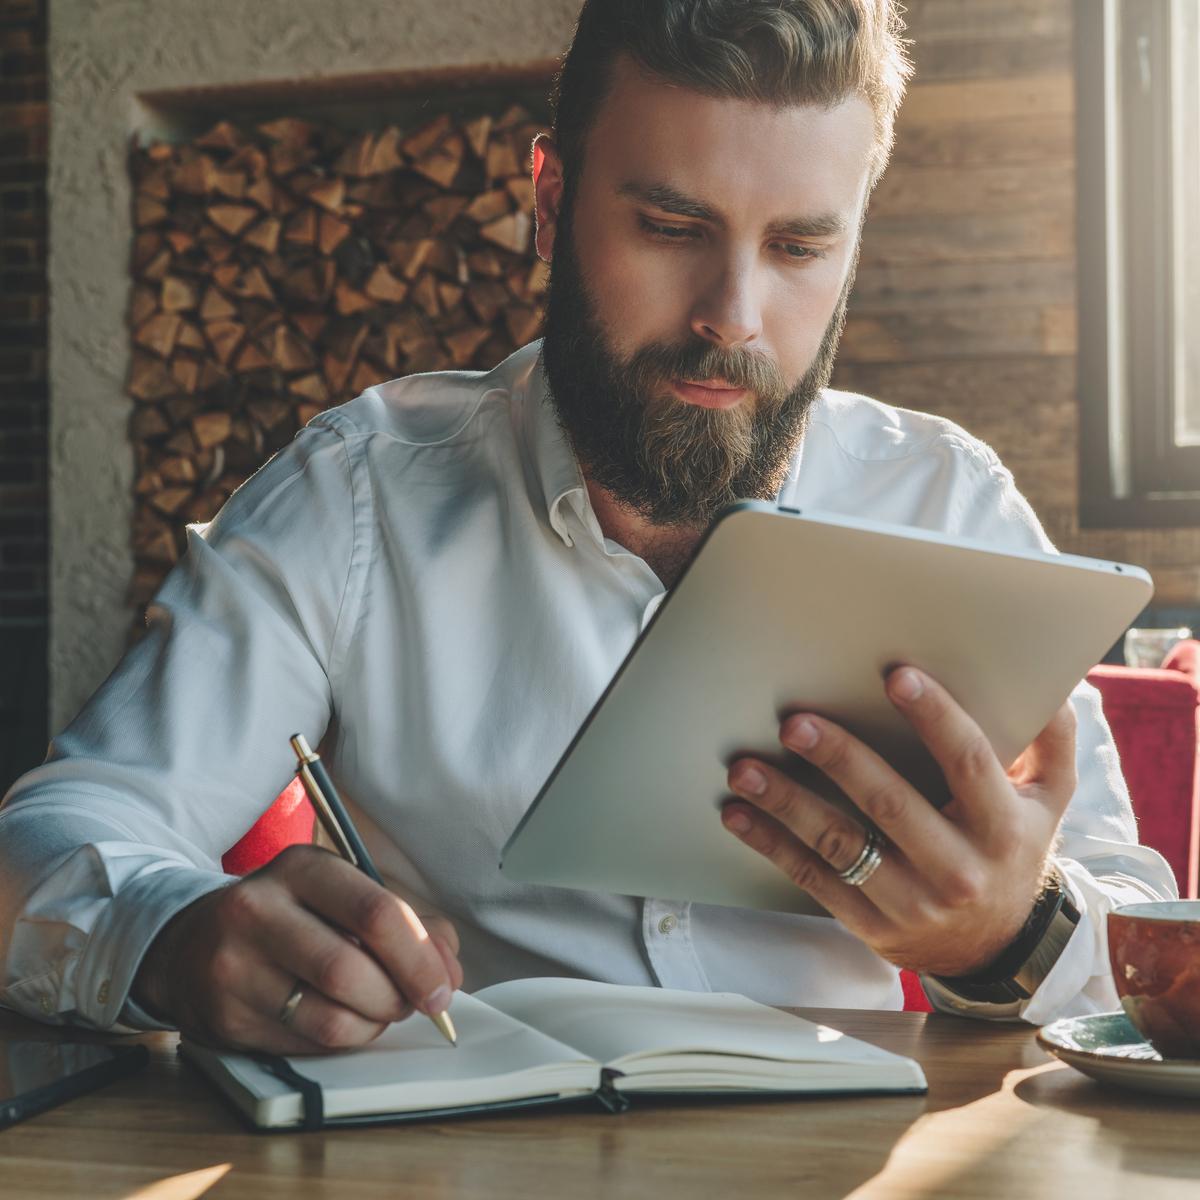 Dé tien belangrijkste misvattingen over e-commerce projecten